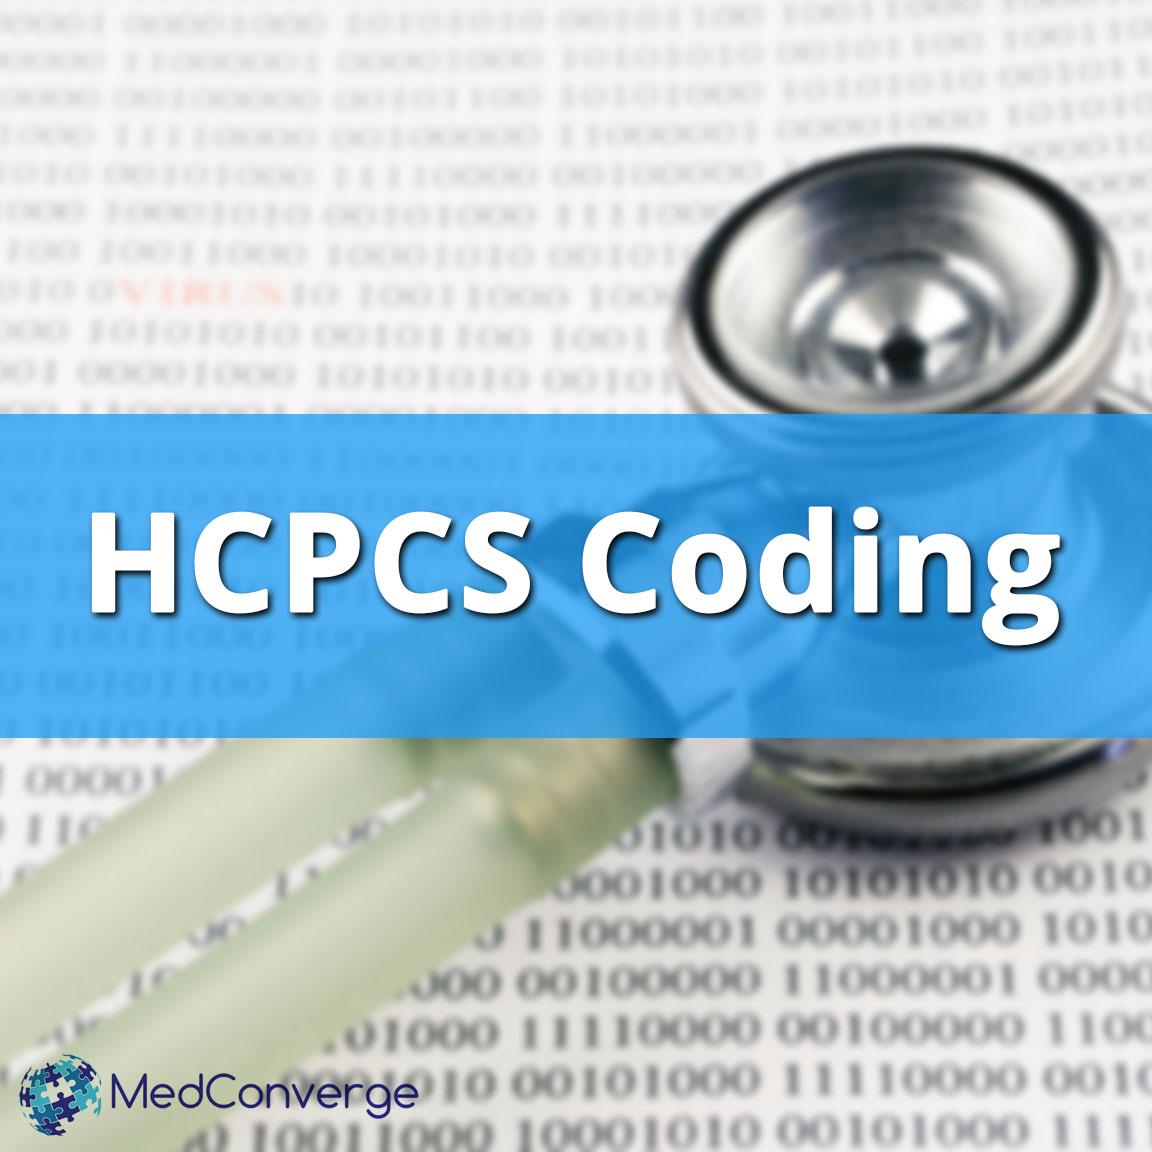 HCPCS coding